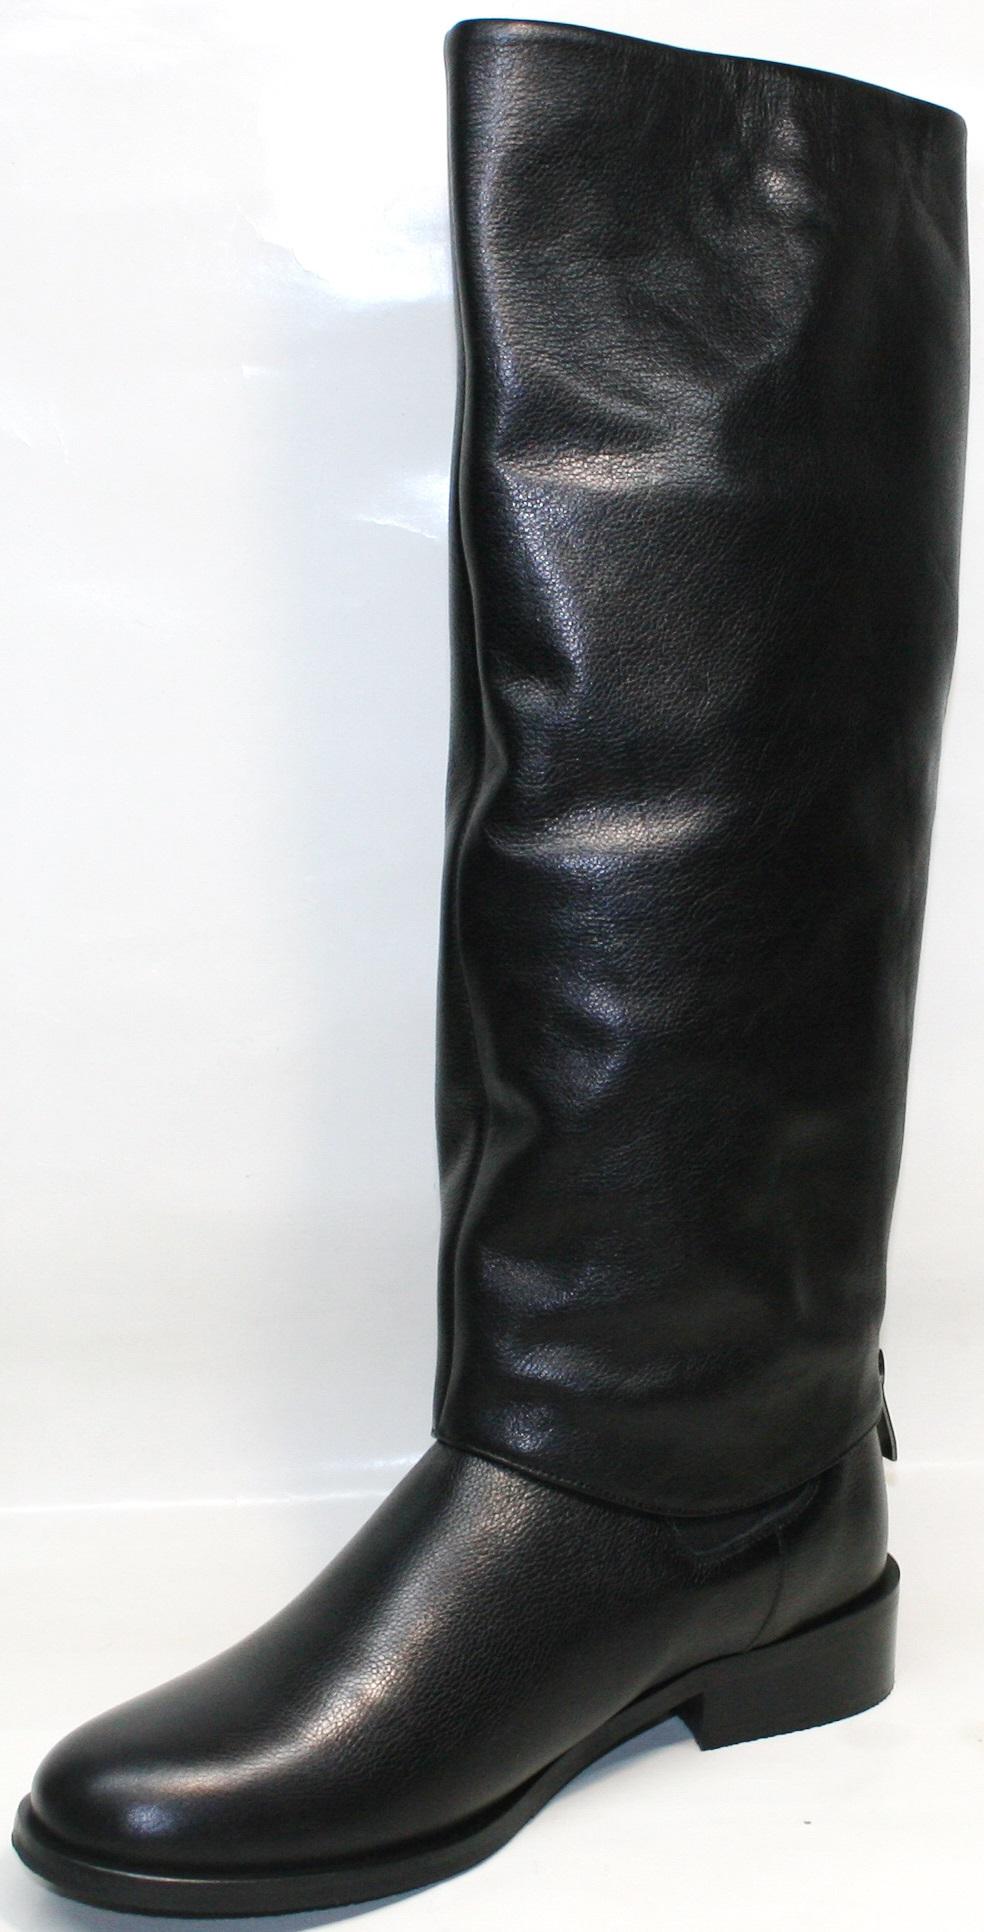 Модные женские зимние сапоги Richesse-R458